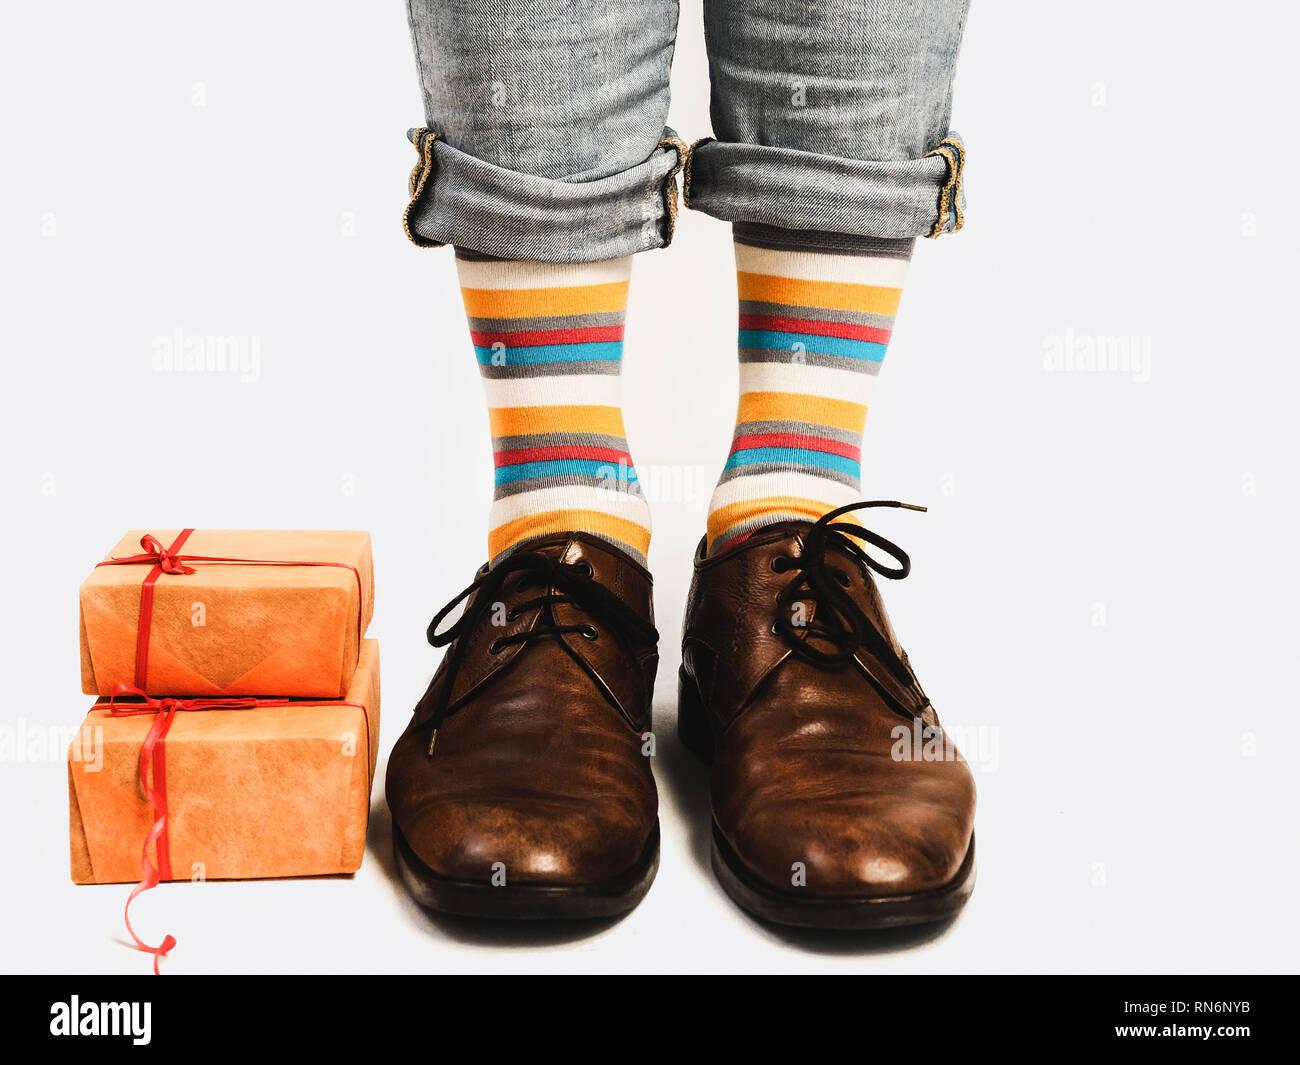 8d6ac9d0 Gerente de oficina en elegantes zapatos, pantalones azules brillantes,  coloridos calcetines y cajas con regalos sobre un fondo blanco, aislado.  Close-up.